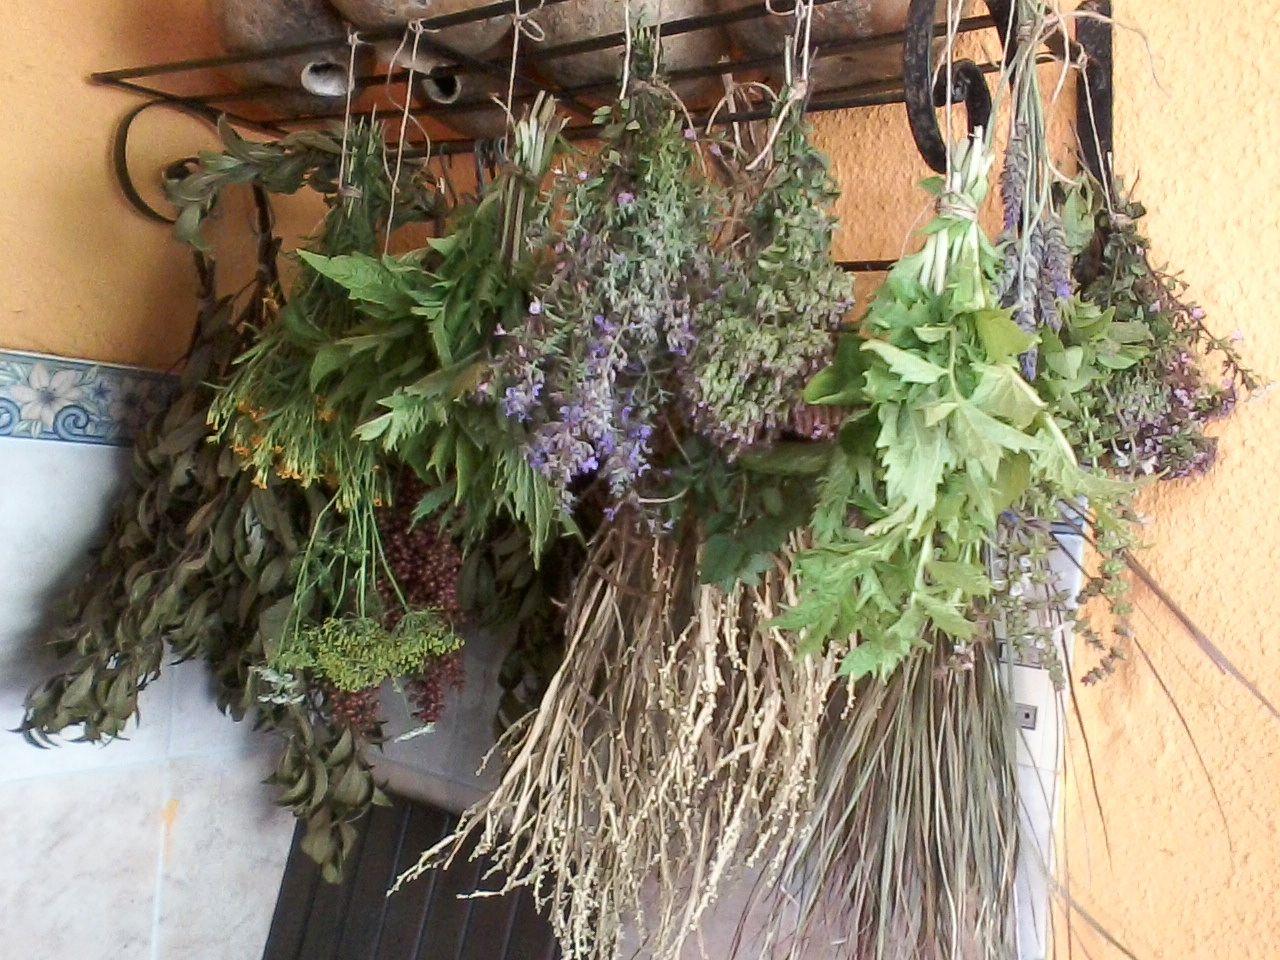 Hierbas aromáticas y florales secándose.....